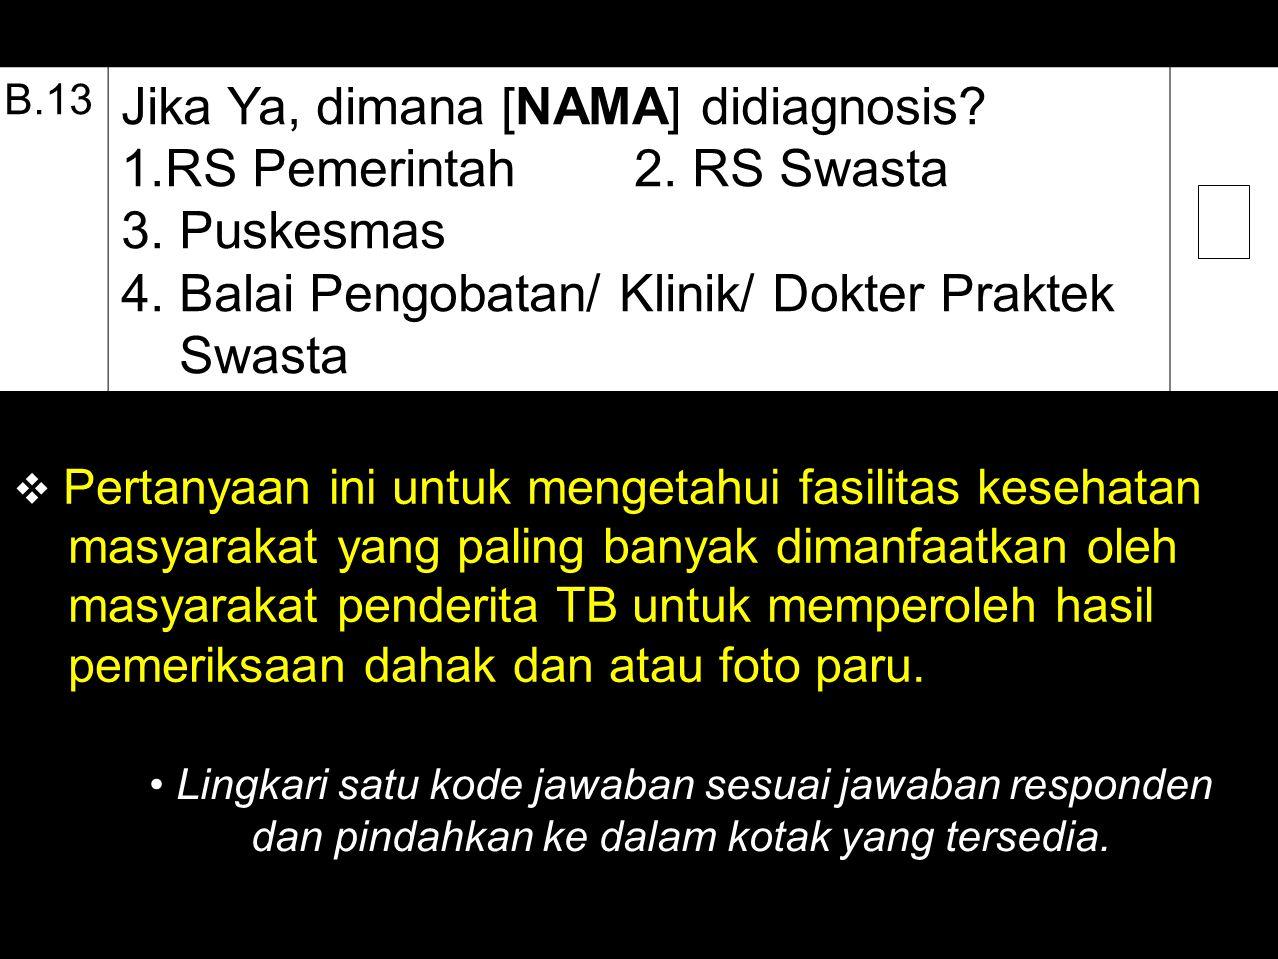 B.13 Jika Ya, dimana [NAMA] didiagnosis? 1.RS Pemerintah 2. RS Swasta 3. Puskesmas 4. Balai Pengobatan/ Klinik/ Dokter Praktek Swasta  Pertanyaan ini